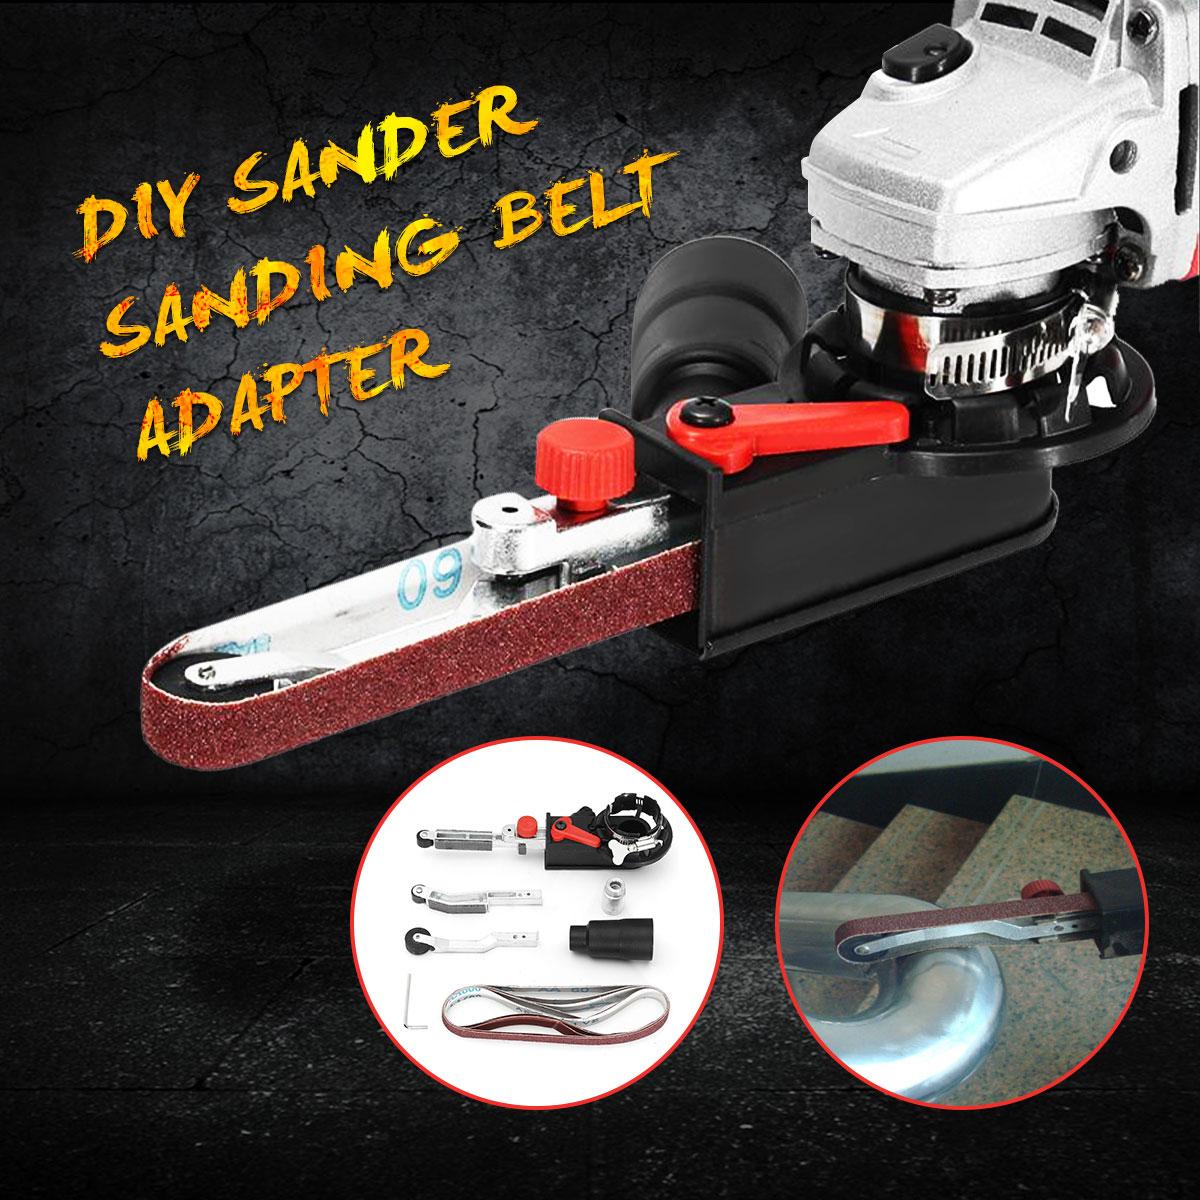 DIY lijadora lijado cinturón adaptador para 115/125 eléctrico amoladora angular con M14 hilo husillo para carpintería Metalworking